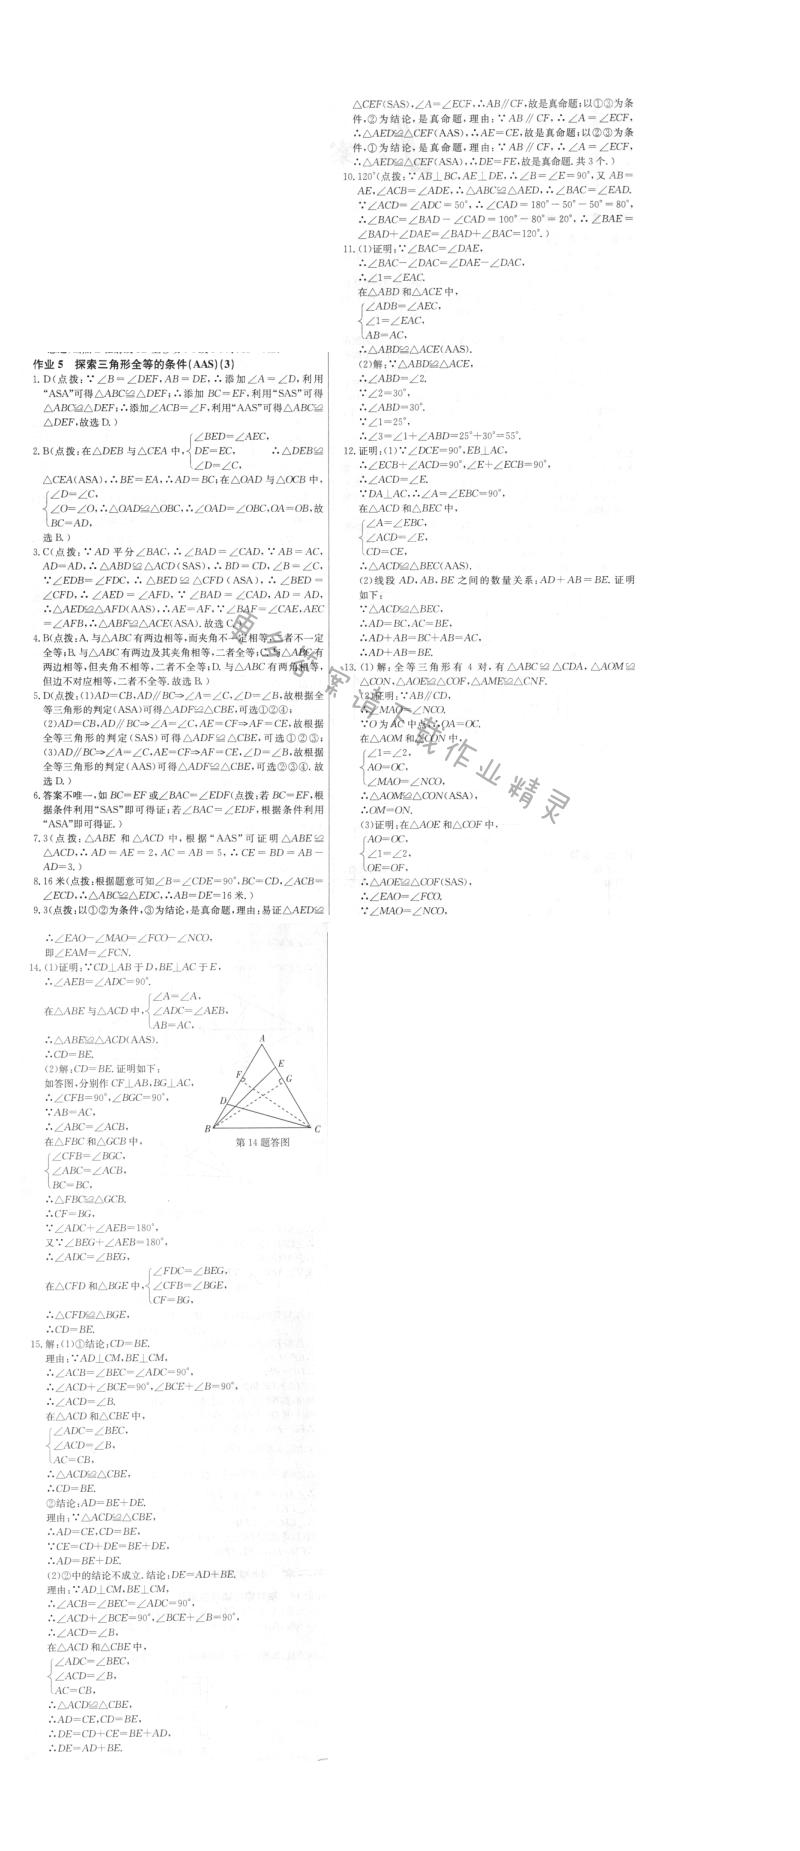 启东中学作业本八年级数学上册江苏版 作业5